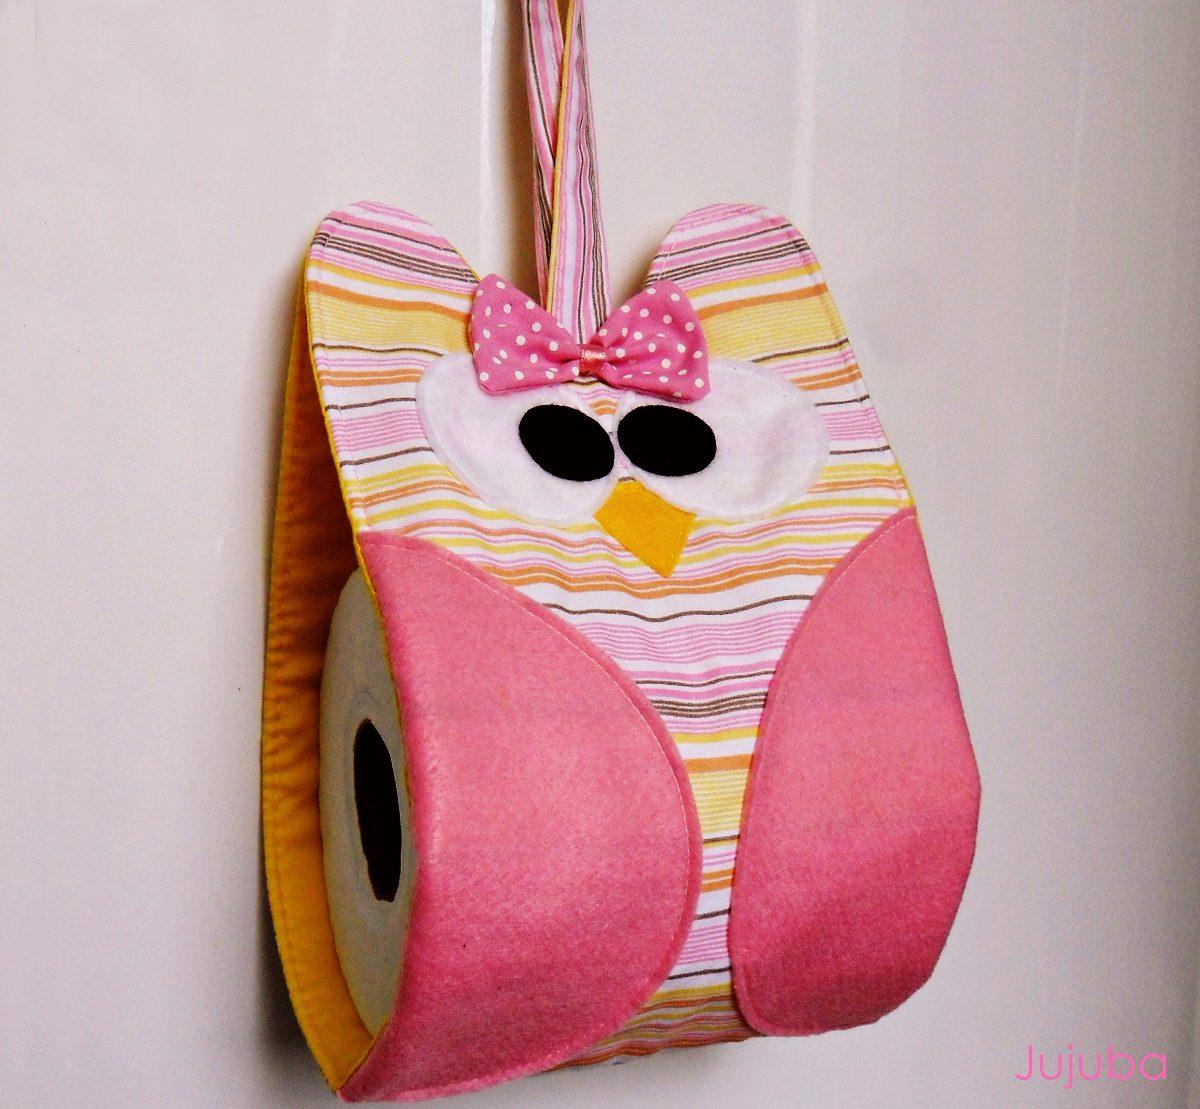 Porta papel higiênico de tecido feito artesanalmente – passo a passo